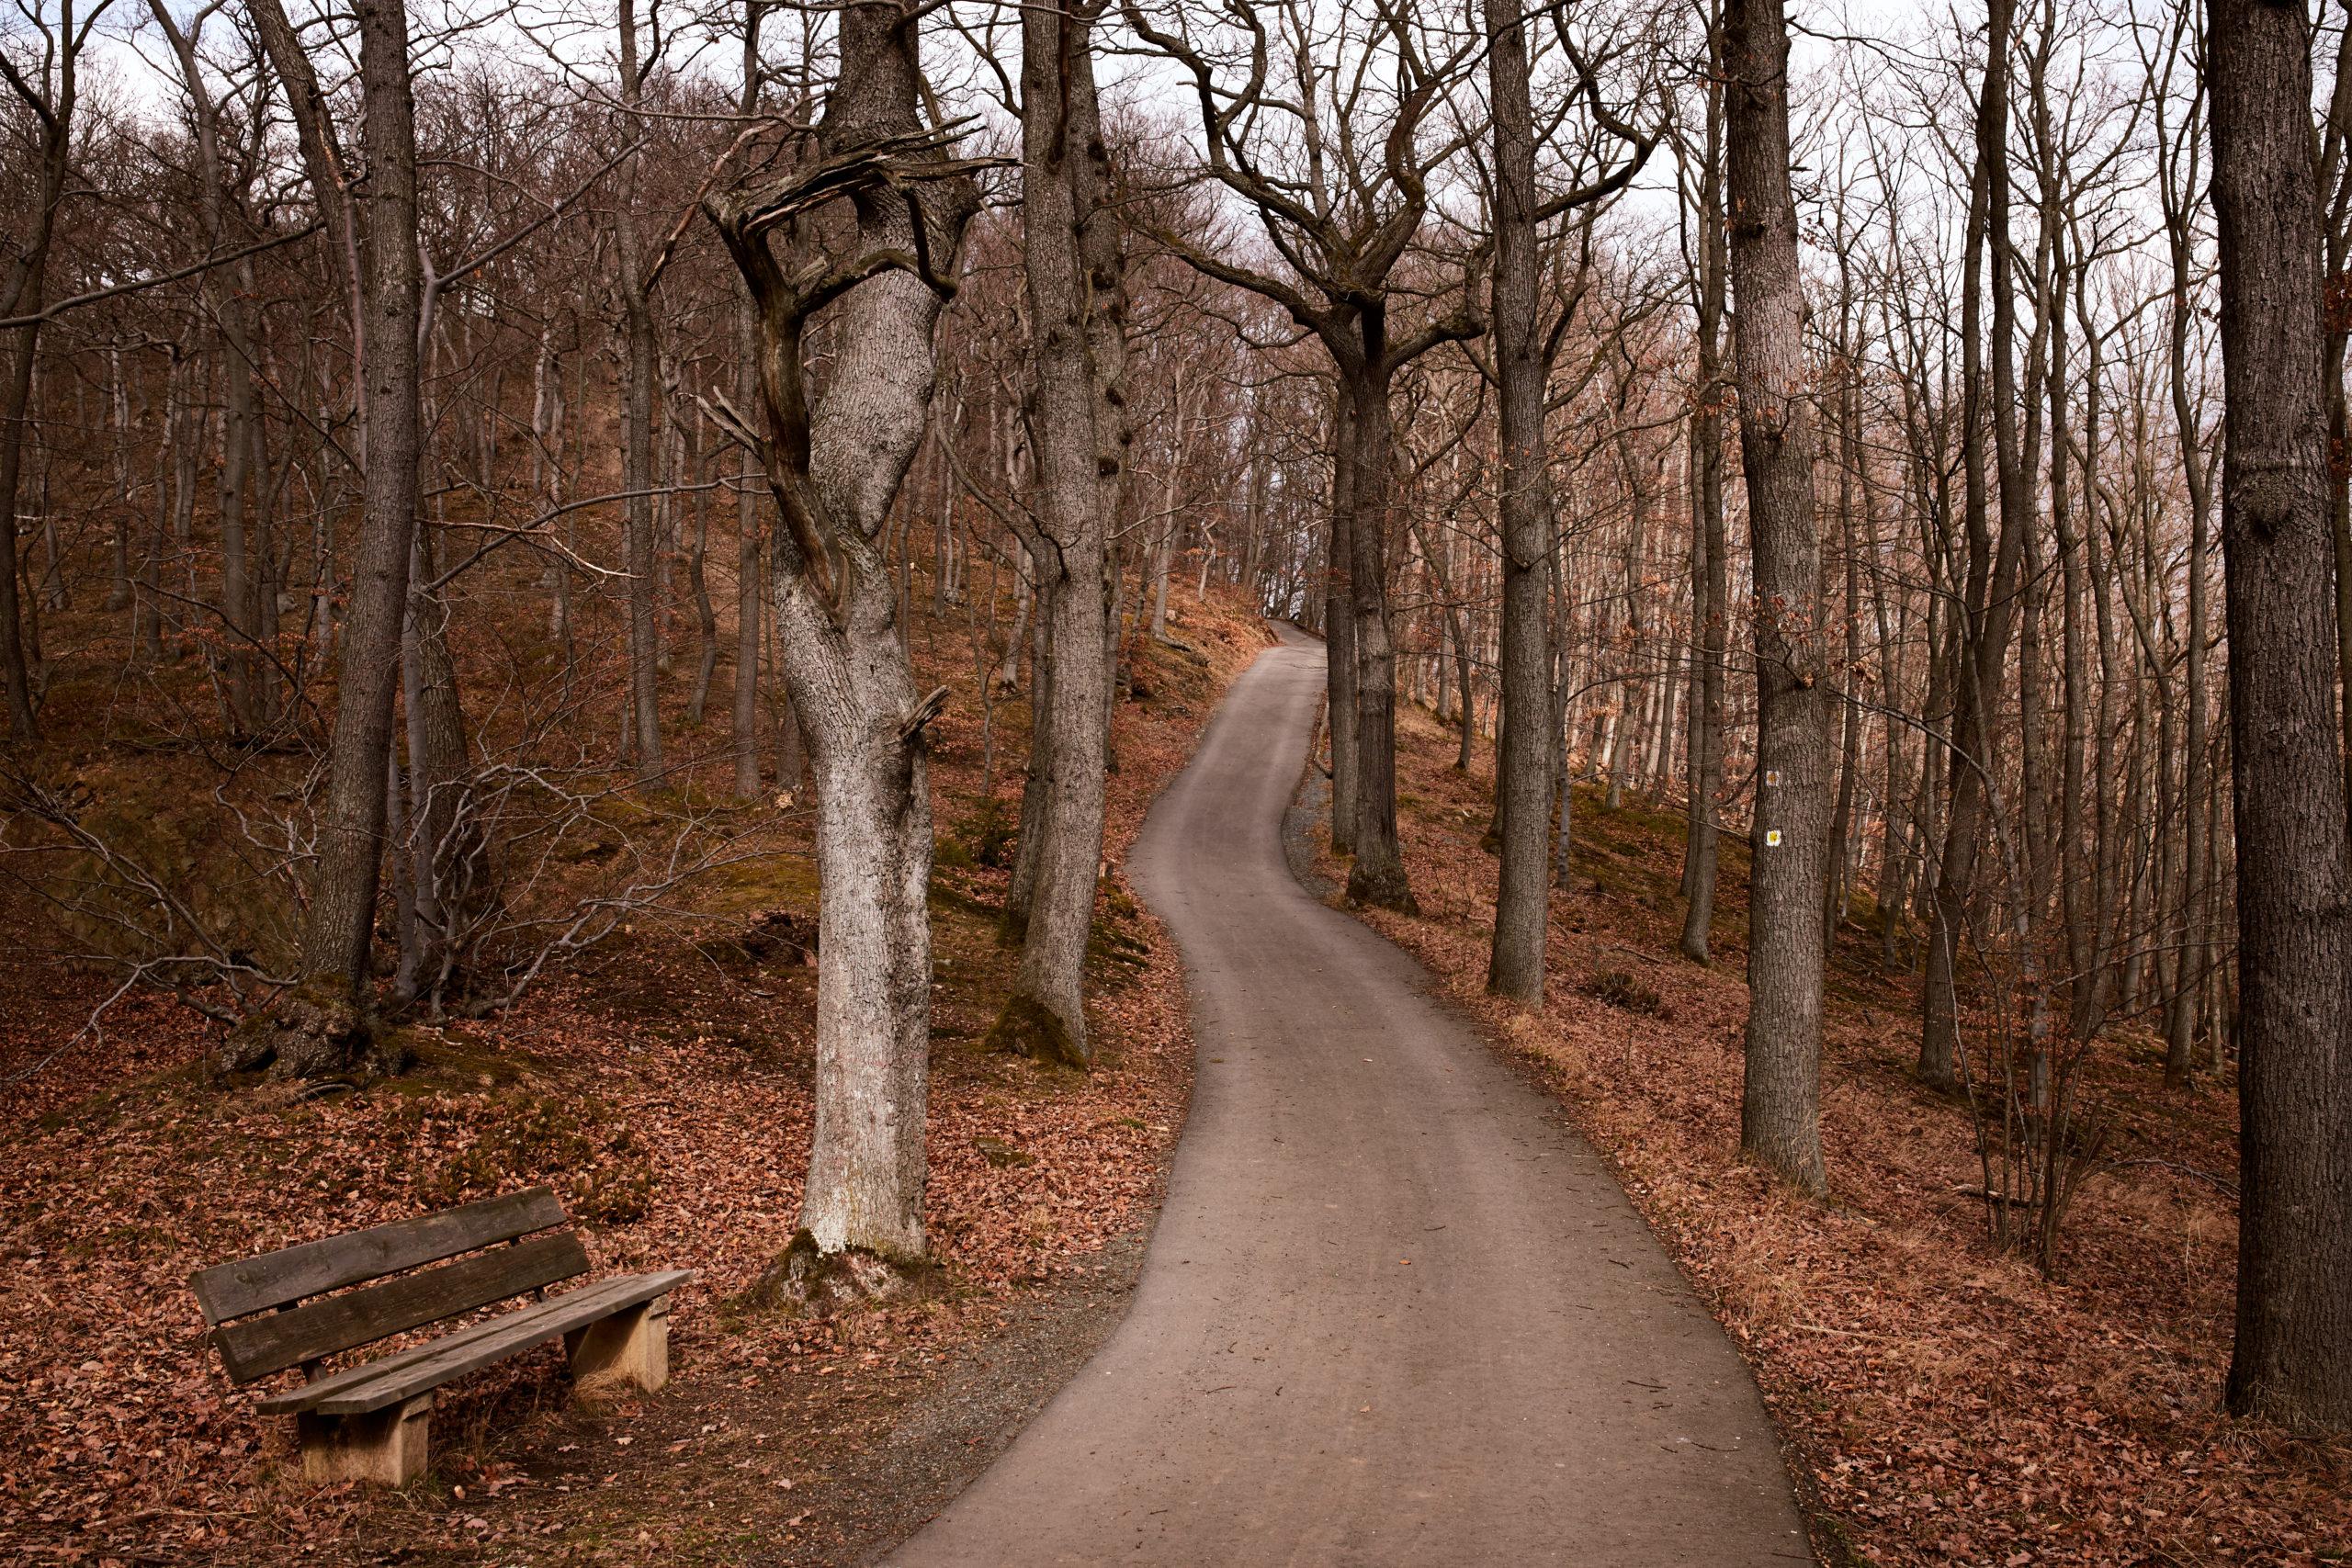 Von-Eichen-umgebener-Weg-zur-Harburg-im-Harz-in-Wernigerode